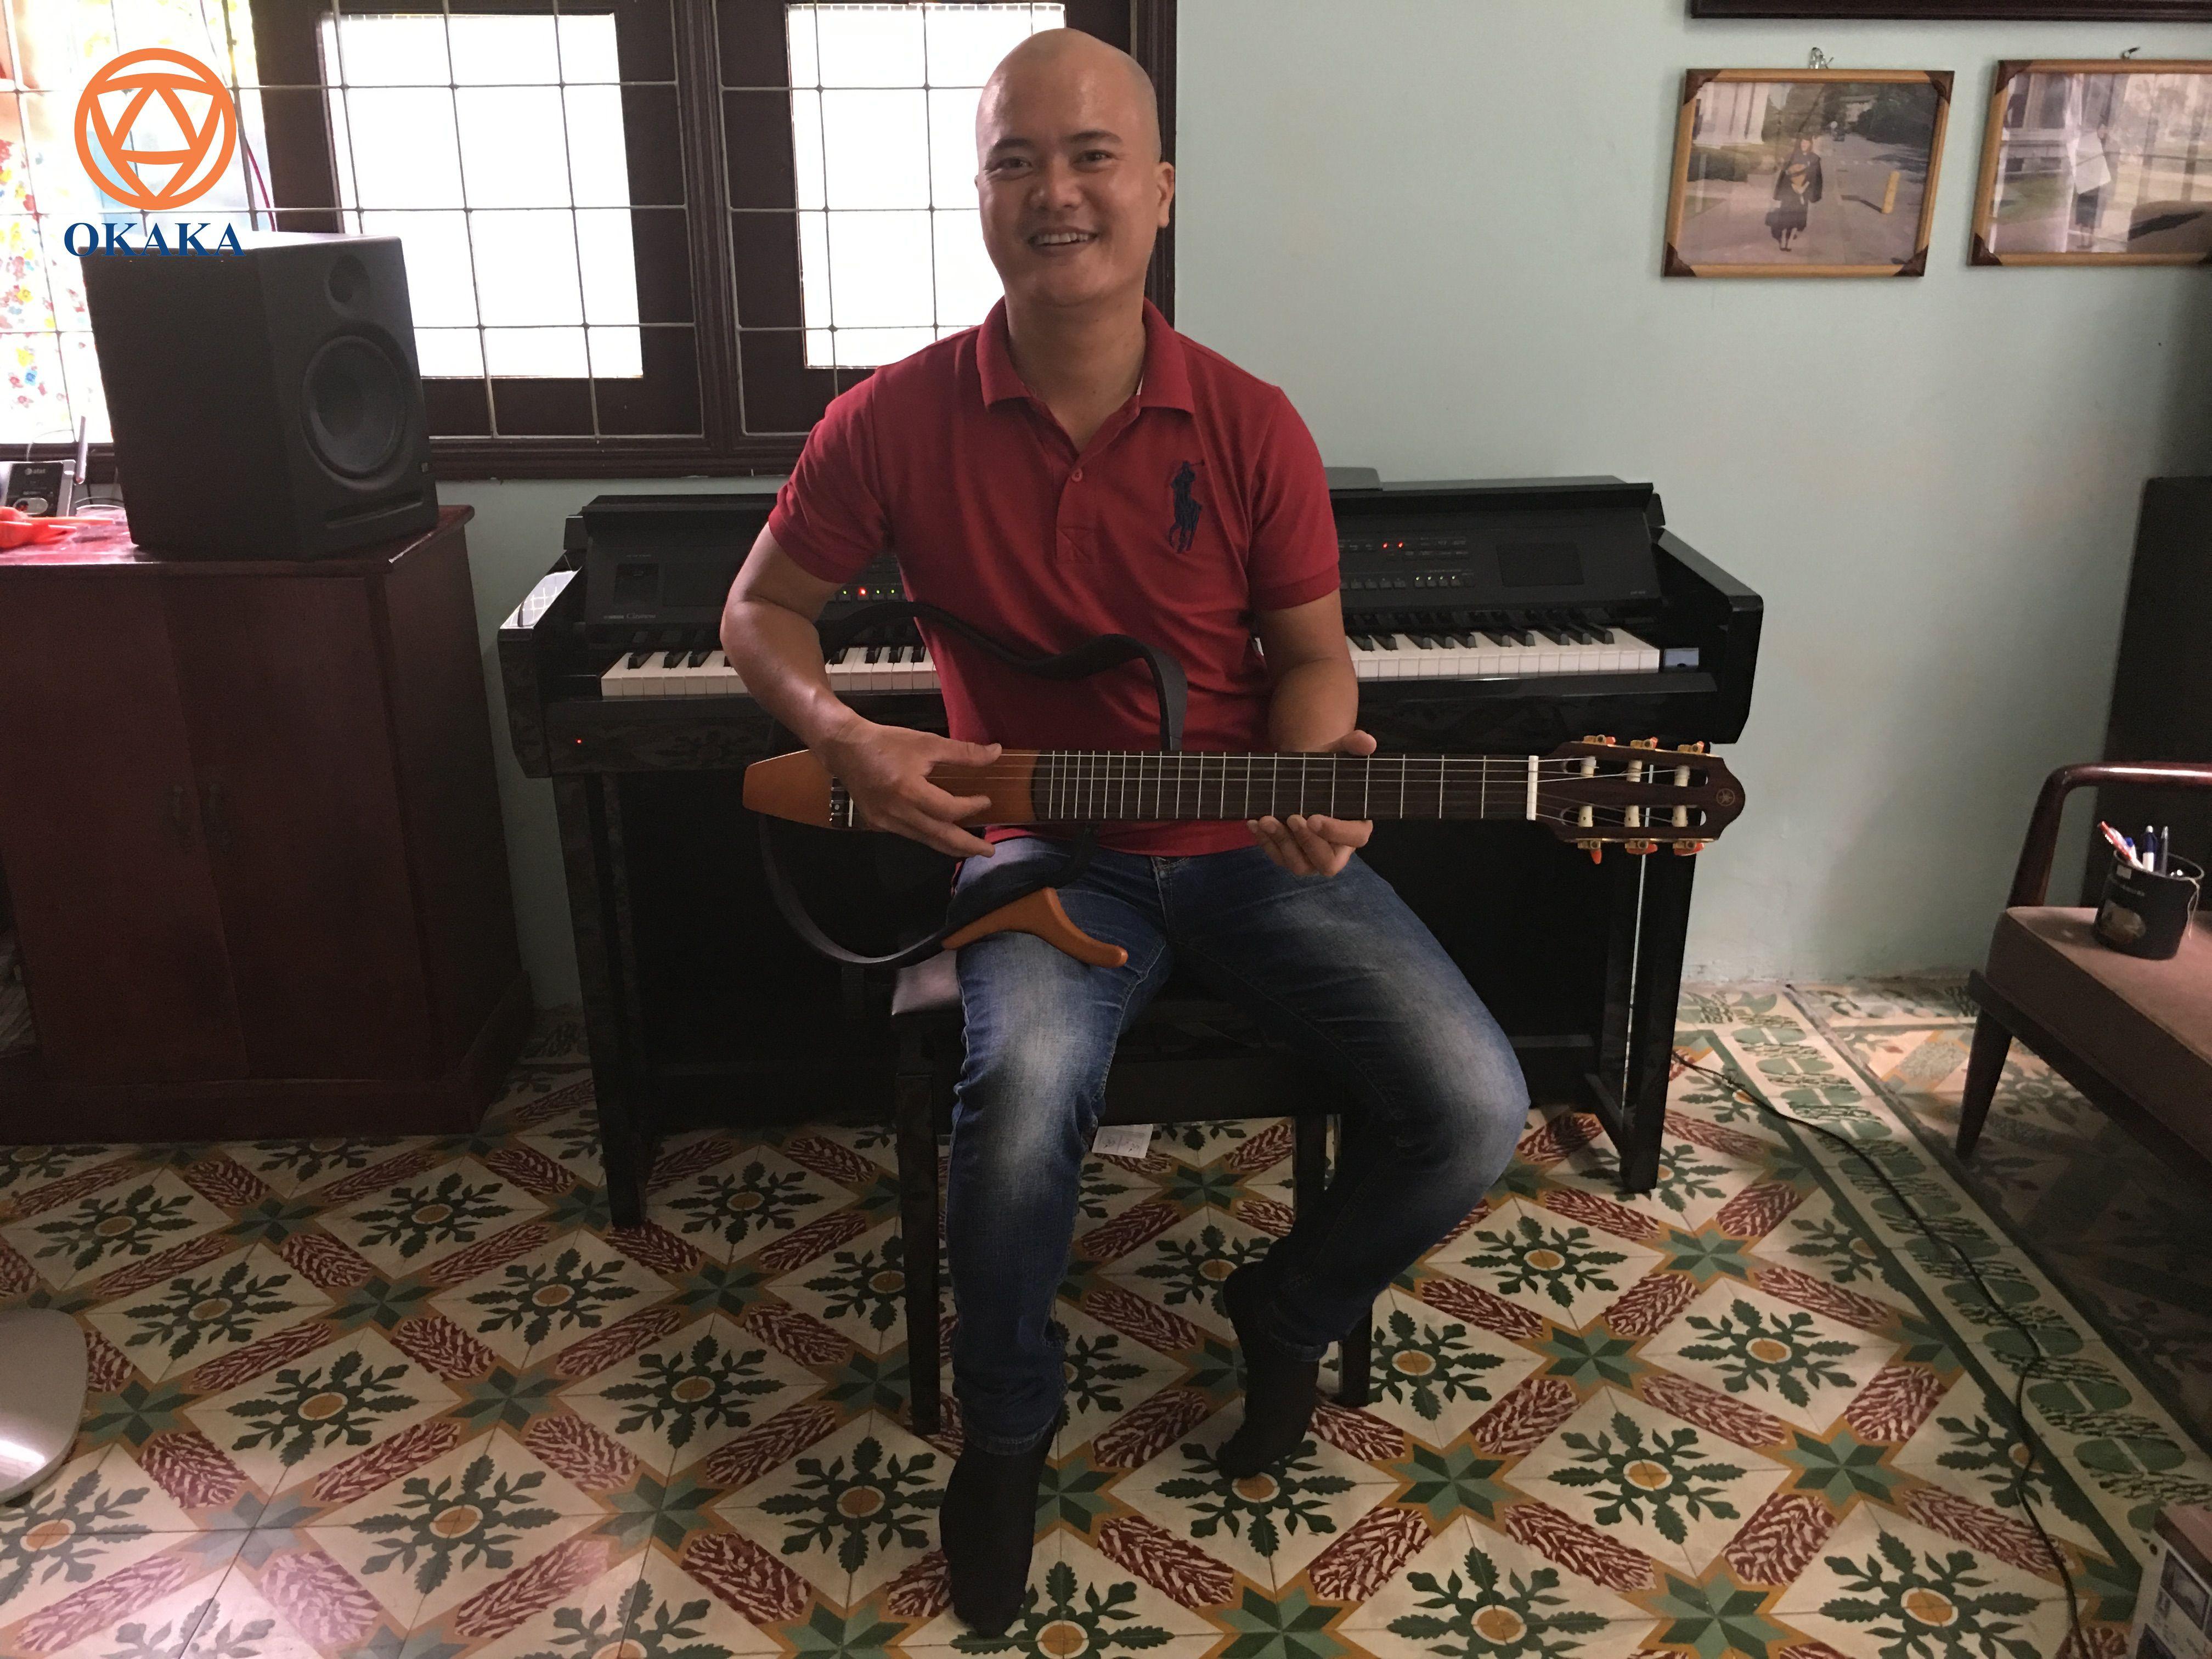 Trưa hôm nay, OKAKA đã giao đàn piano điện Yamaha Clavinova CVP-605 cho anh Quang ở Gò Vấp. Ngay từ lần gặp đầu tiên, OKAKA đã cảm nhận được anh là người dễ mến và thân thiện.